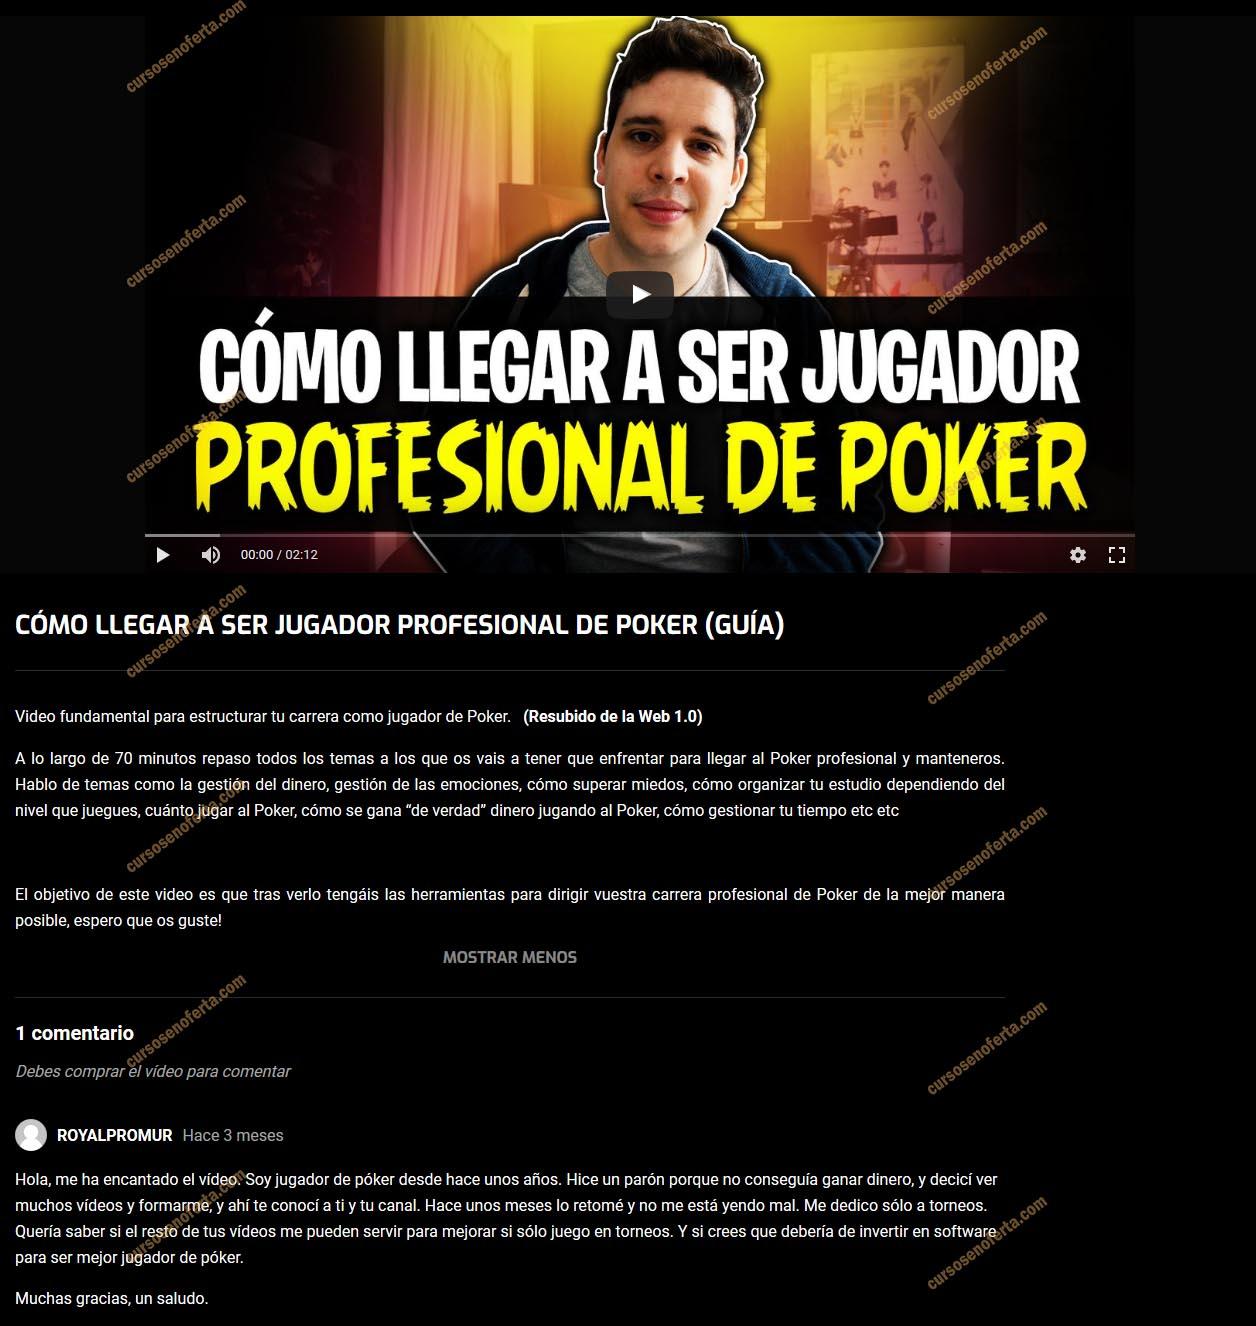 Cómo llegar a ser jugador profesional de poker